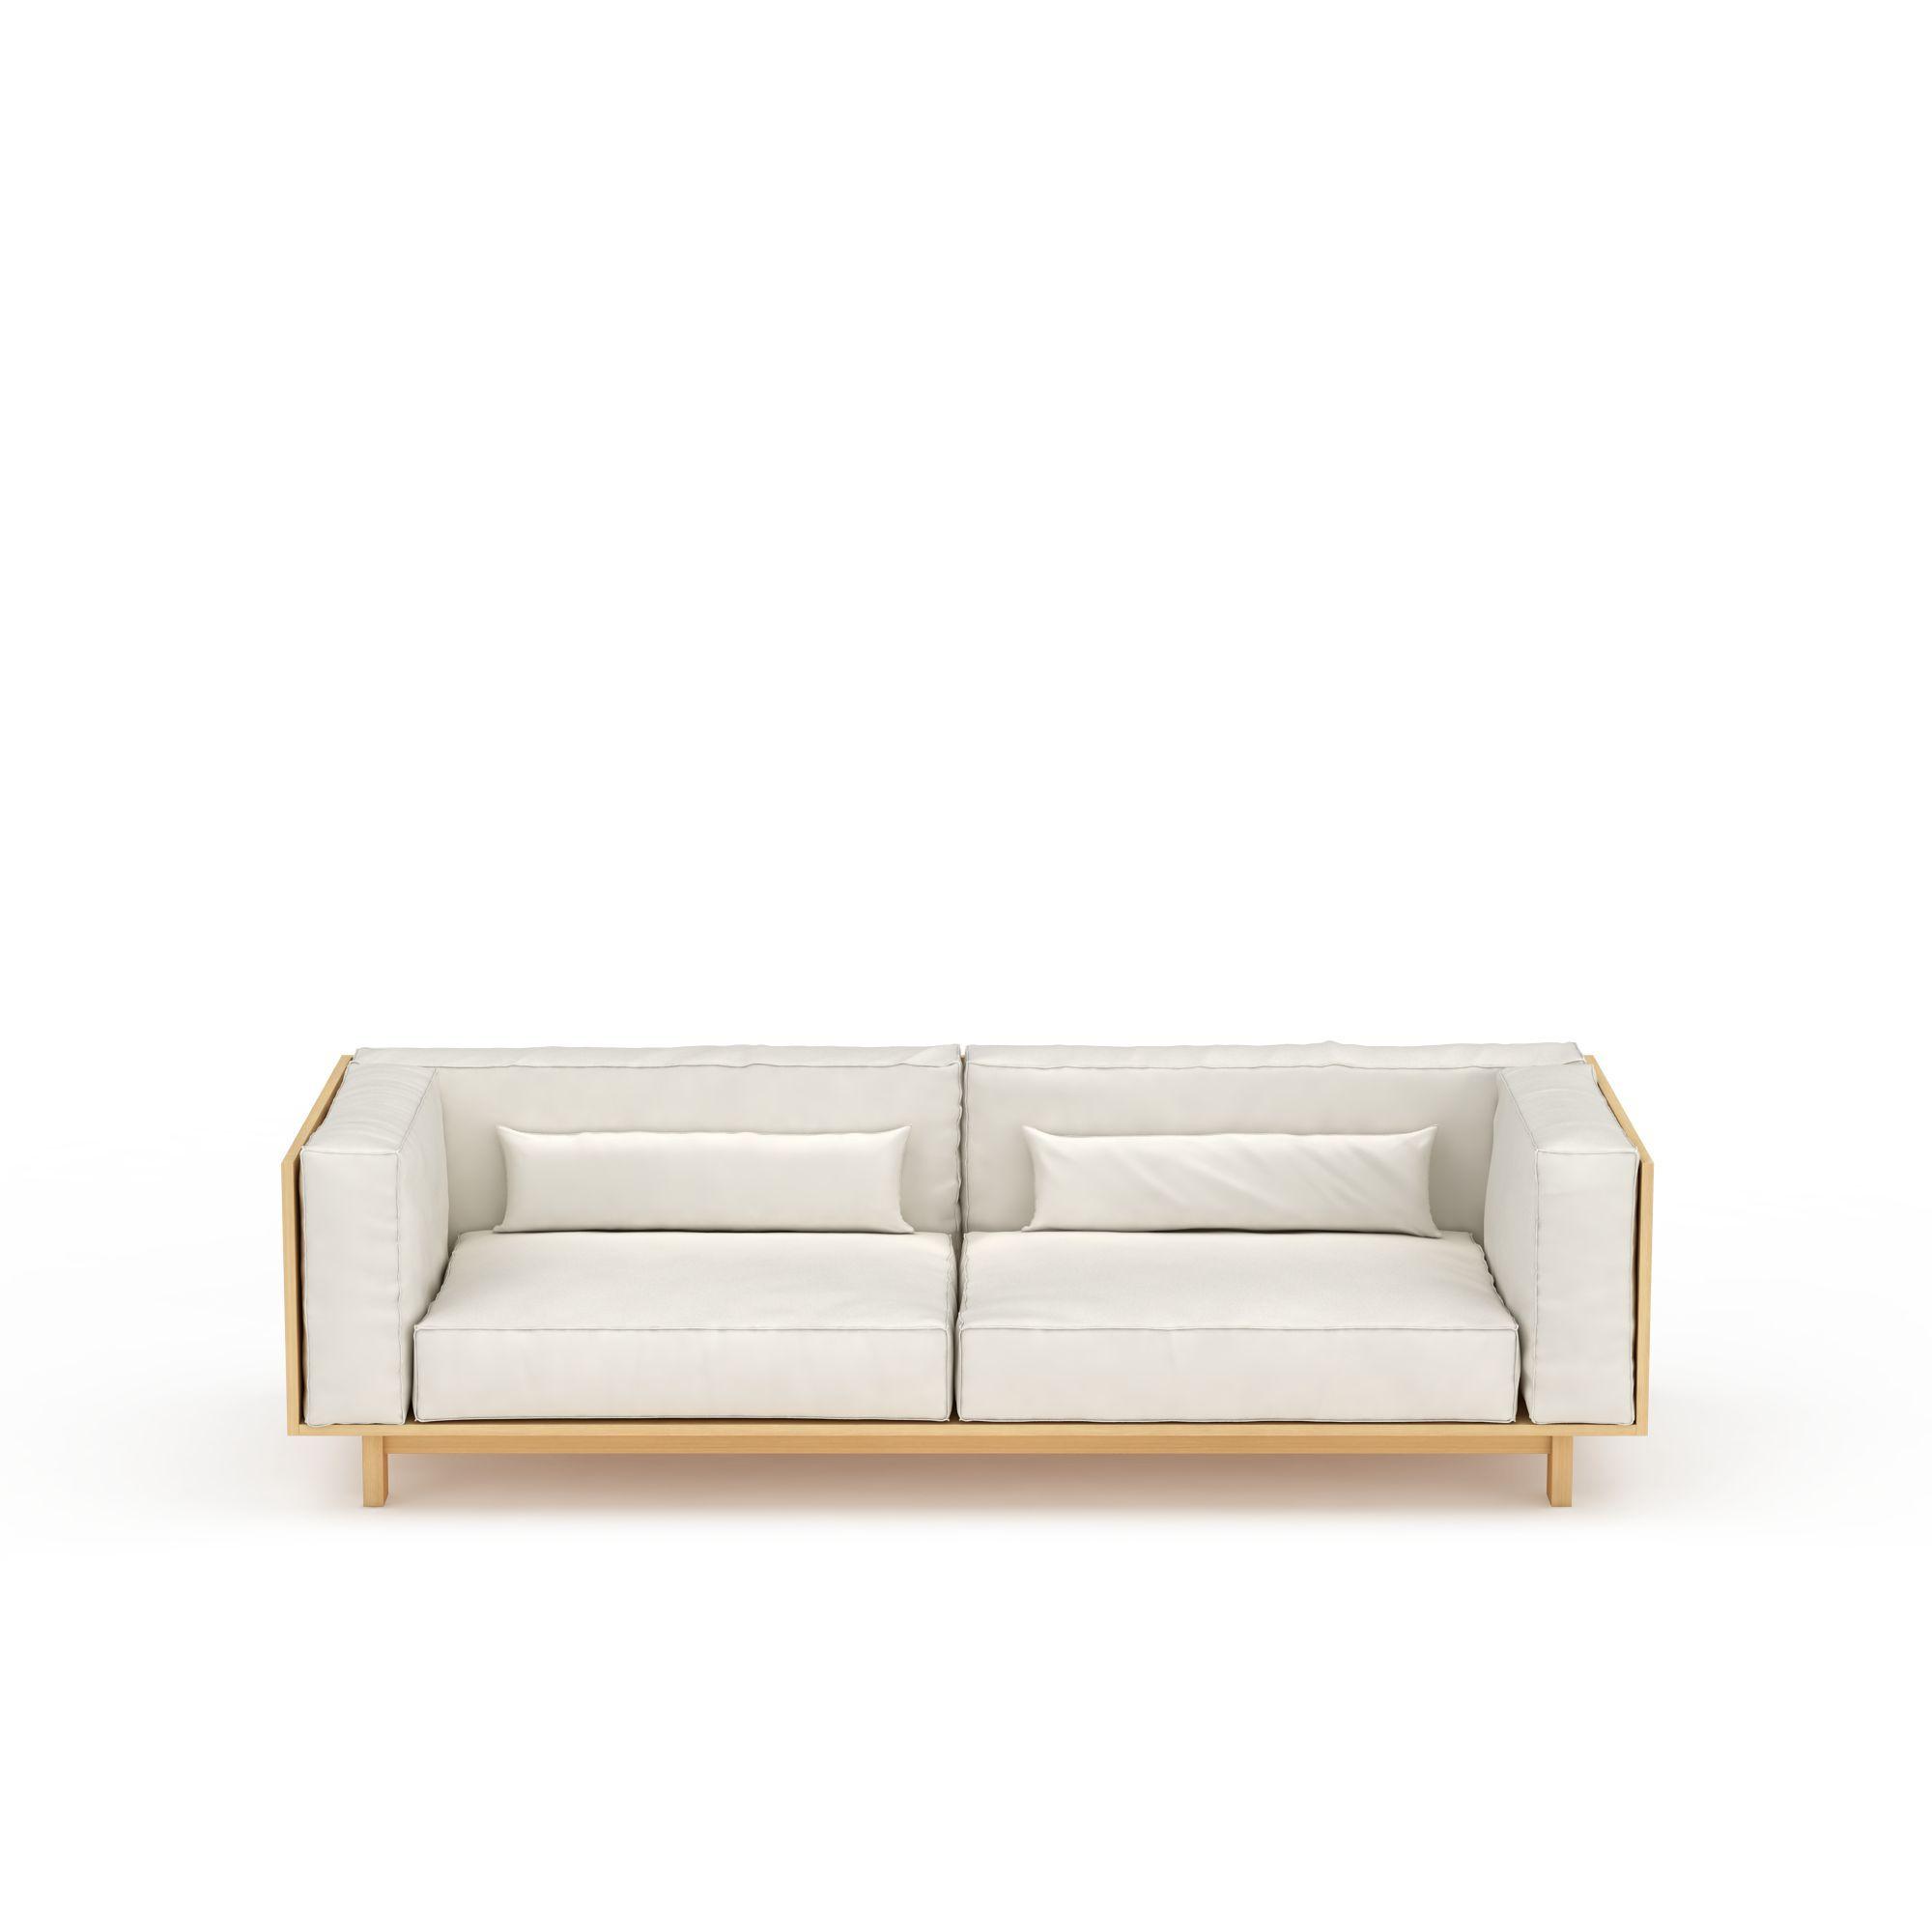 家具组合 沙发 木质双人沙发3d模型 木质双人沙发png高清图